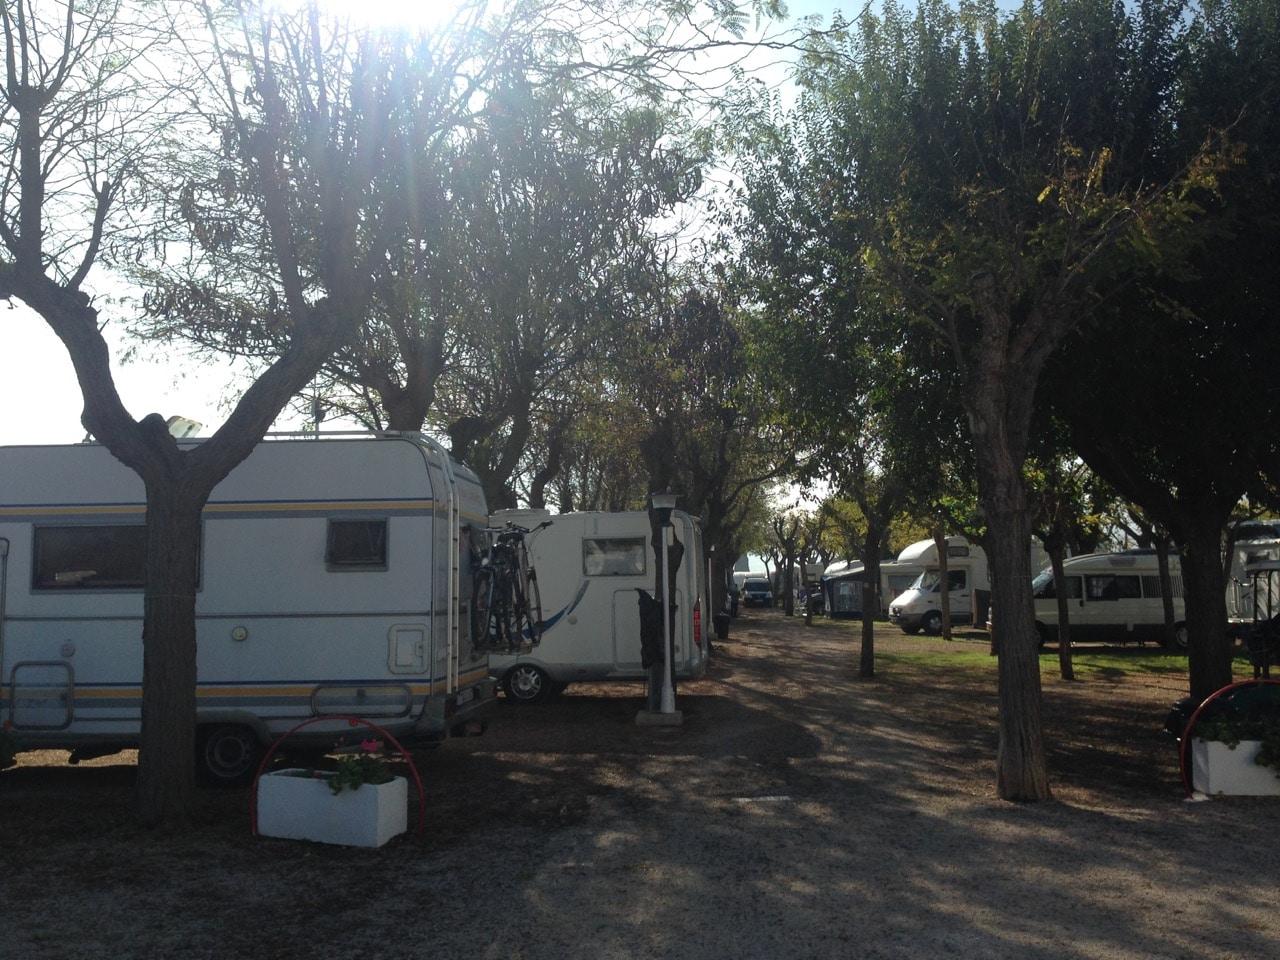 Ein baumgesäumter Weg und Wohnmobile zwischen den Bäumen